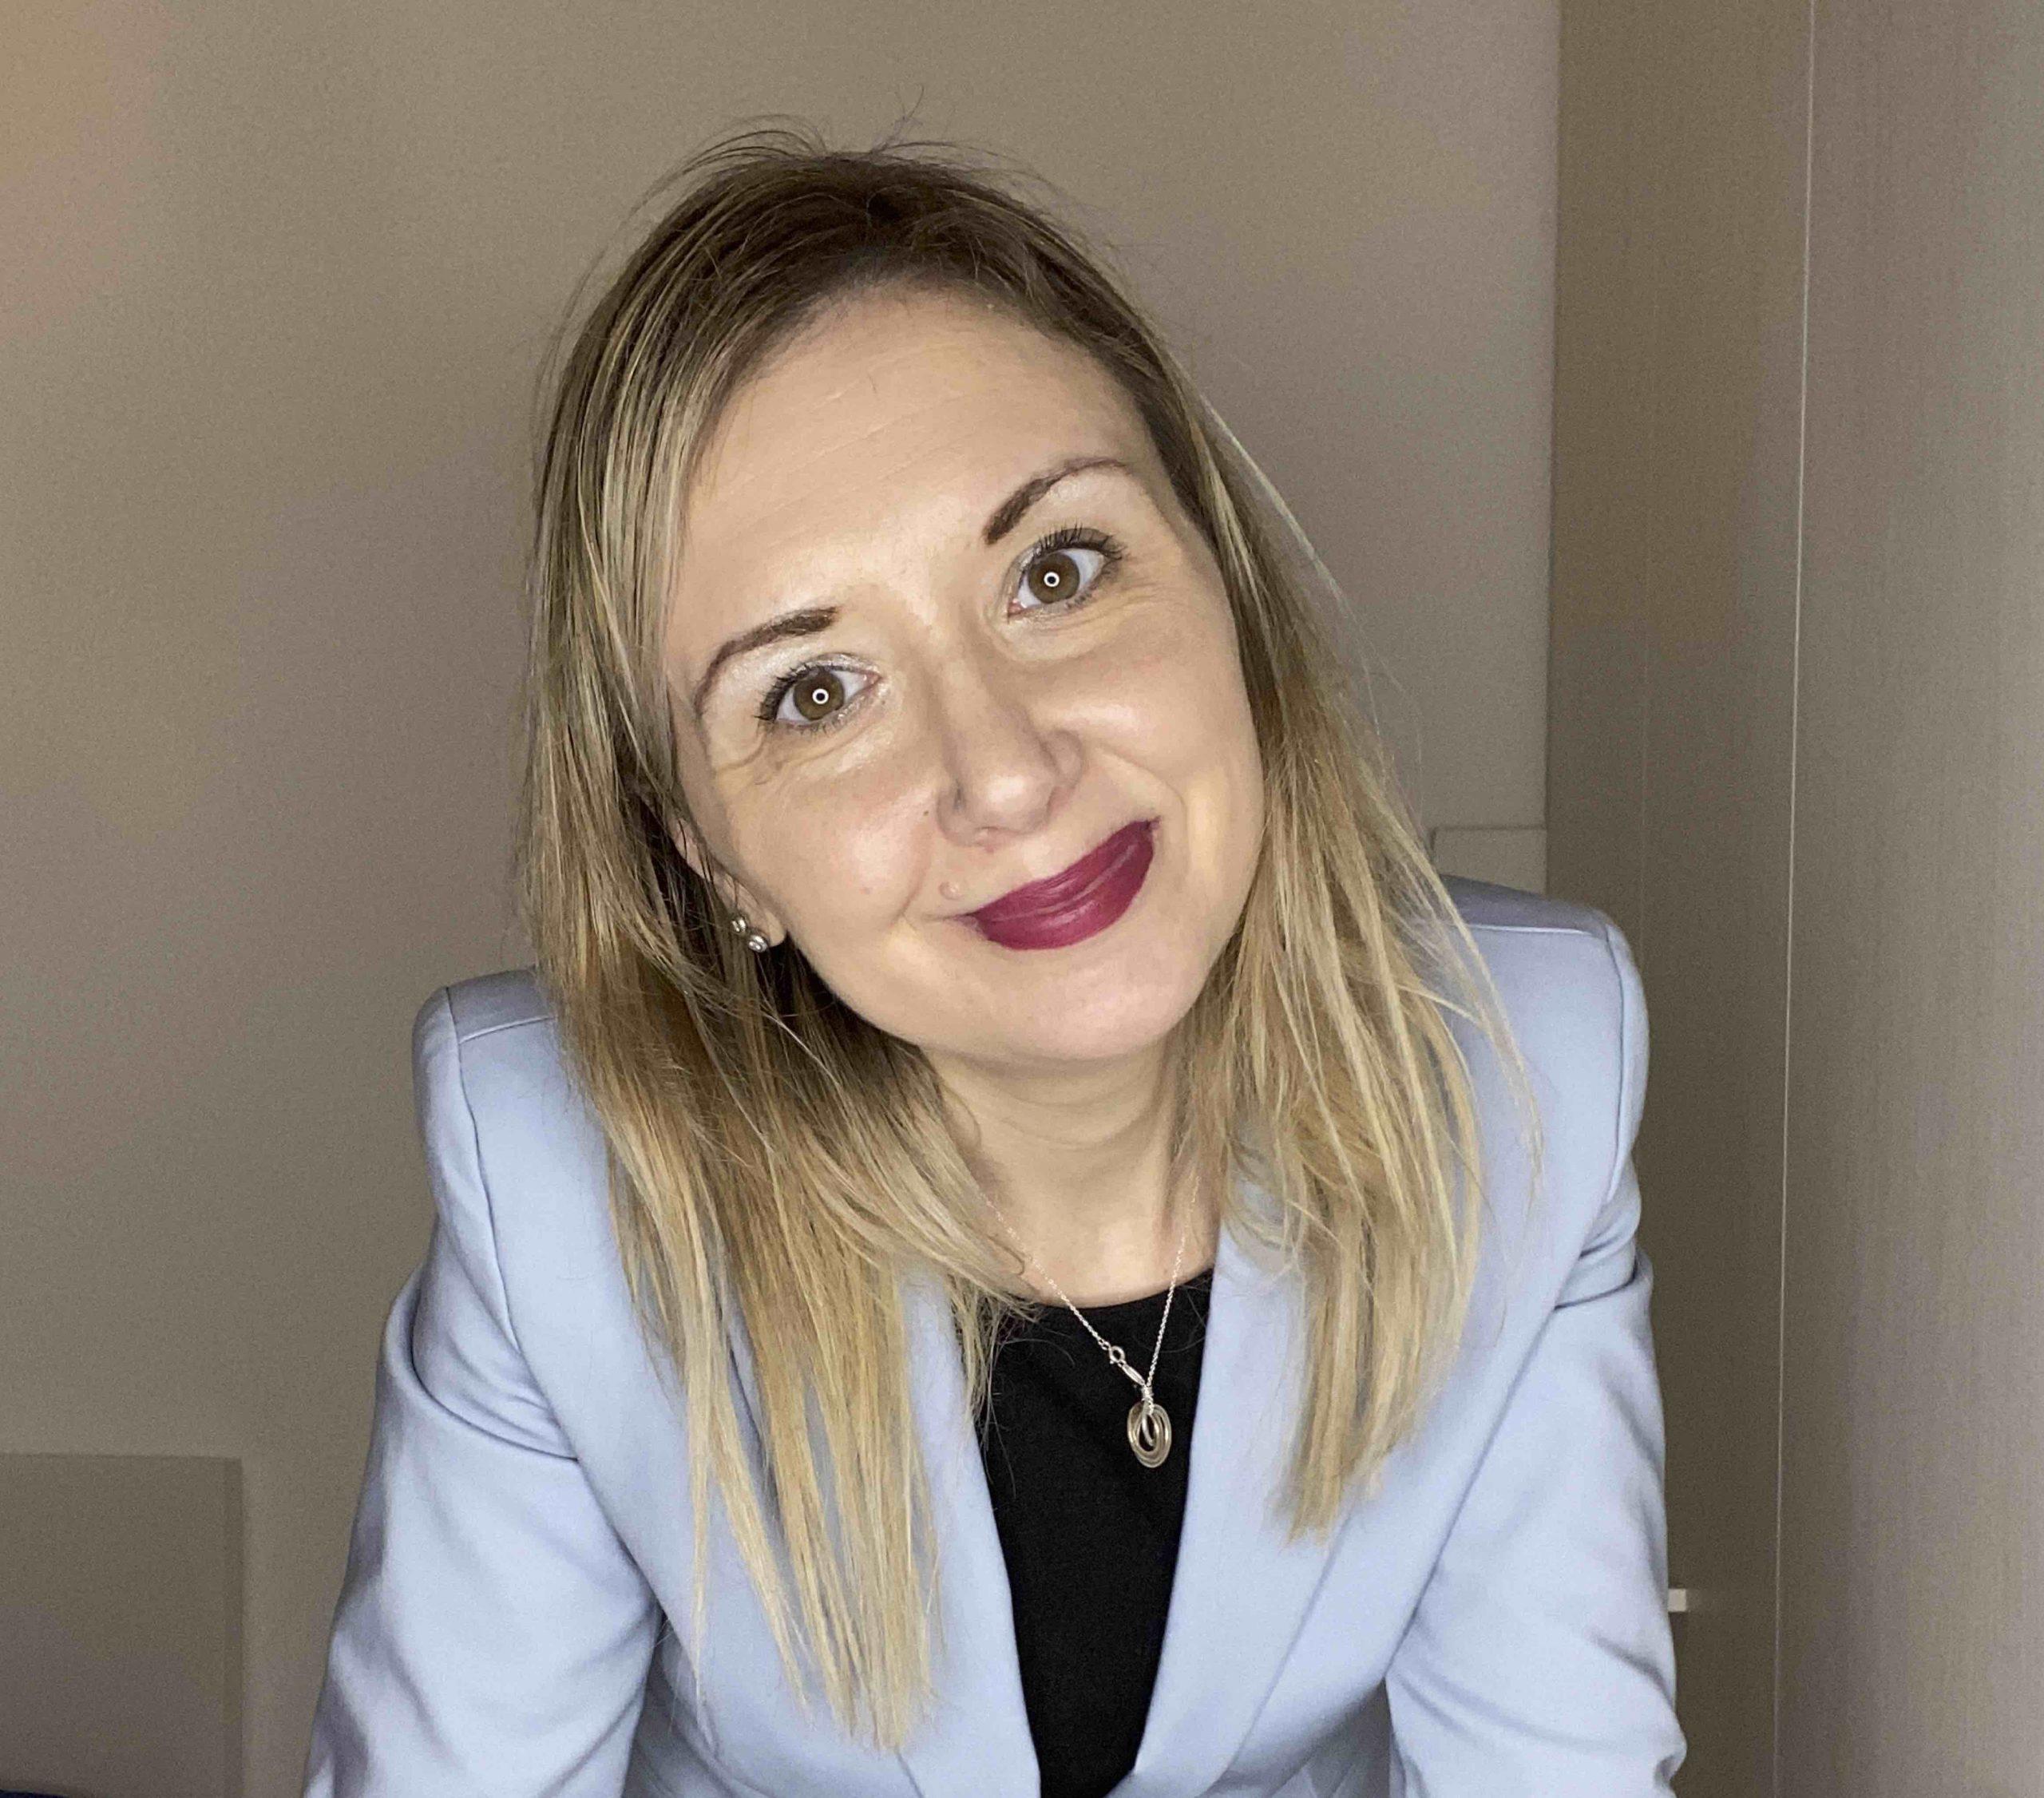 JEMORE e Thesis 4u: Fabiana Manager